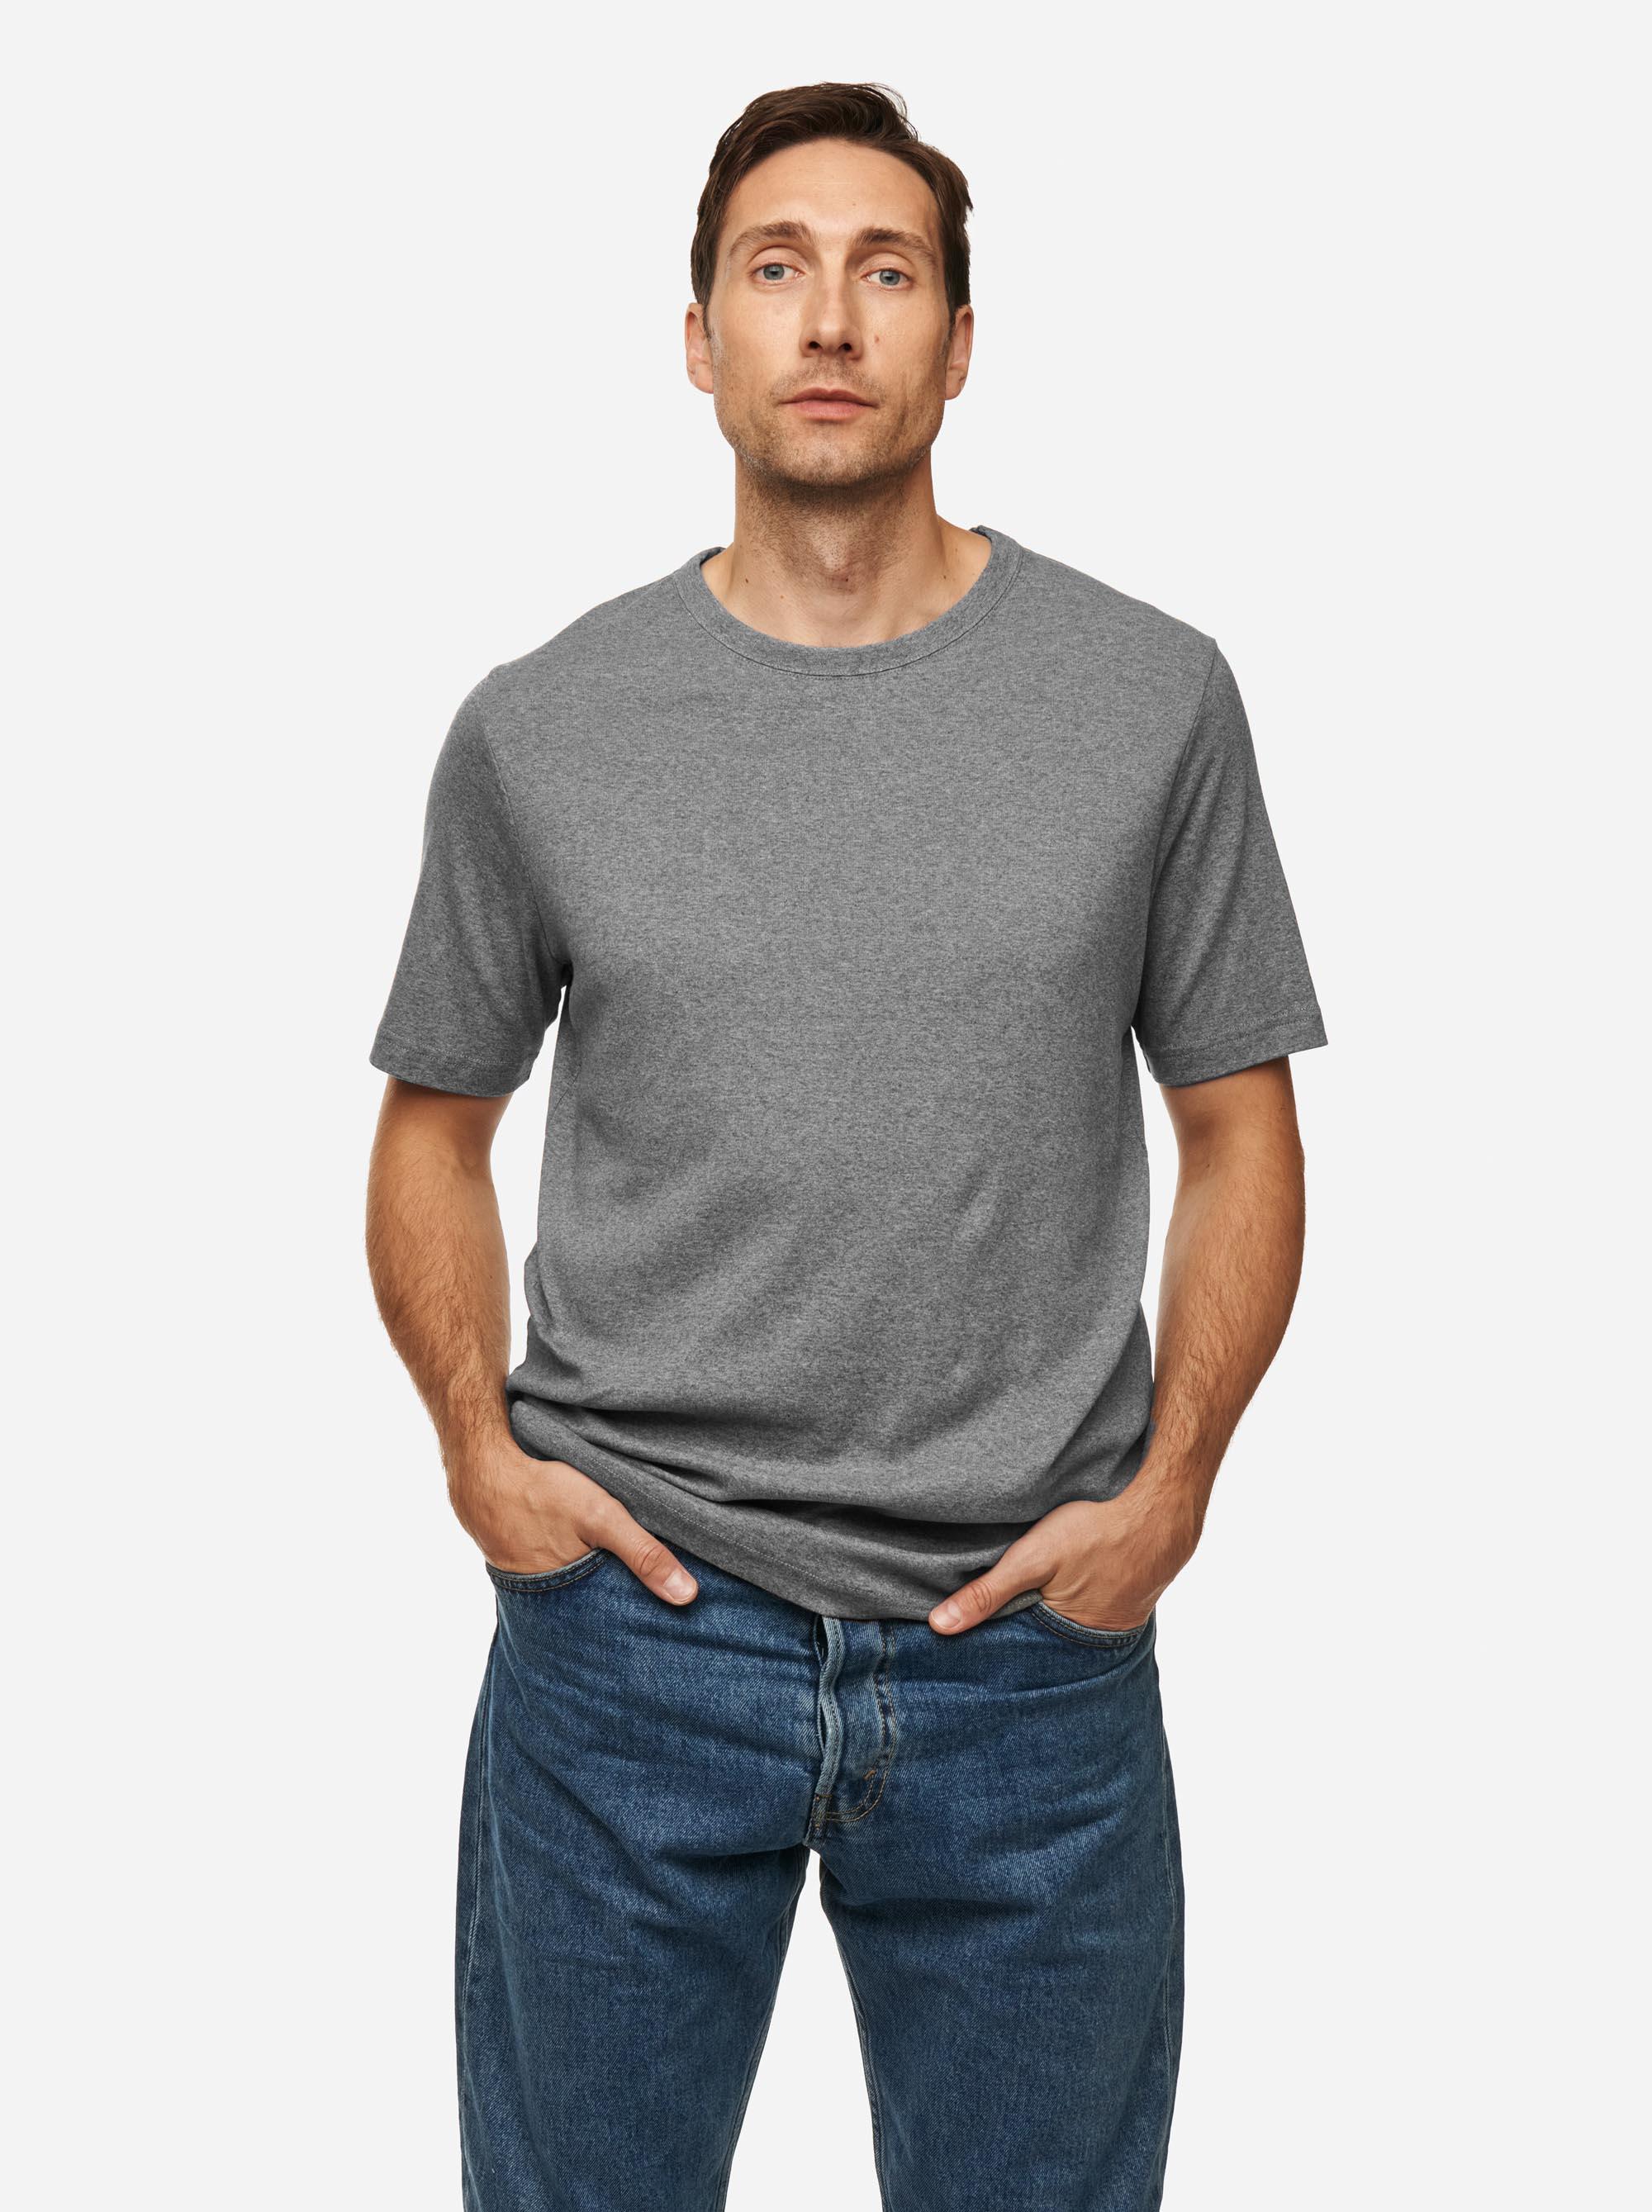 Teym - The T-Shirt - Men - Melange grey - 1B